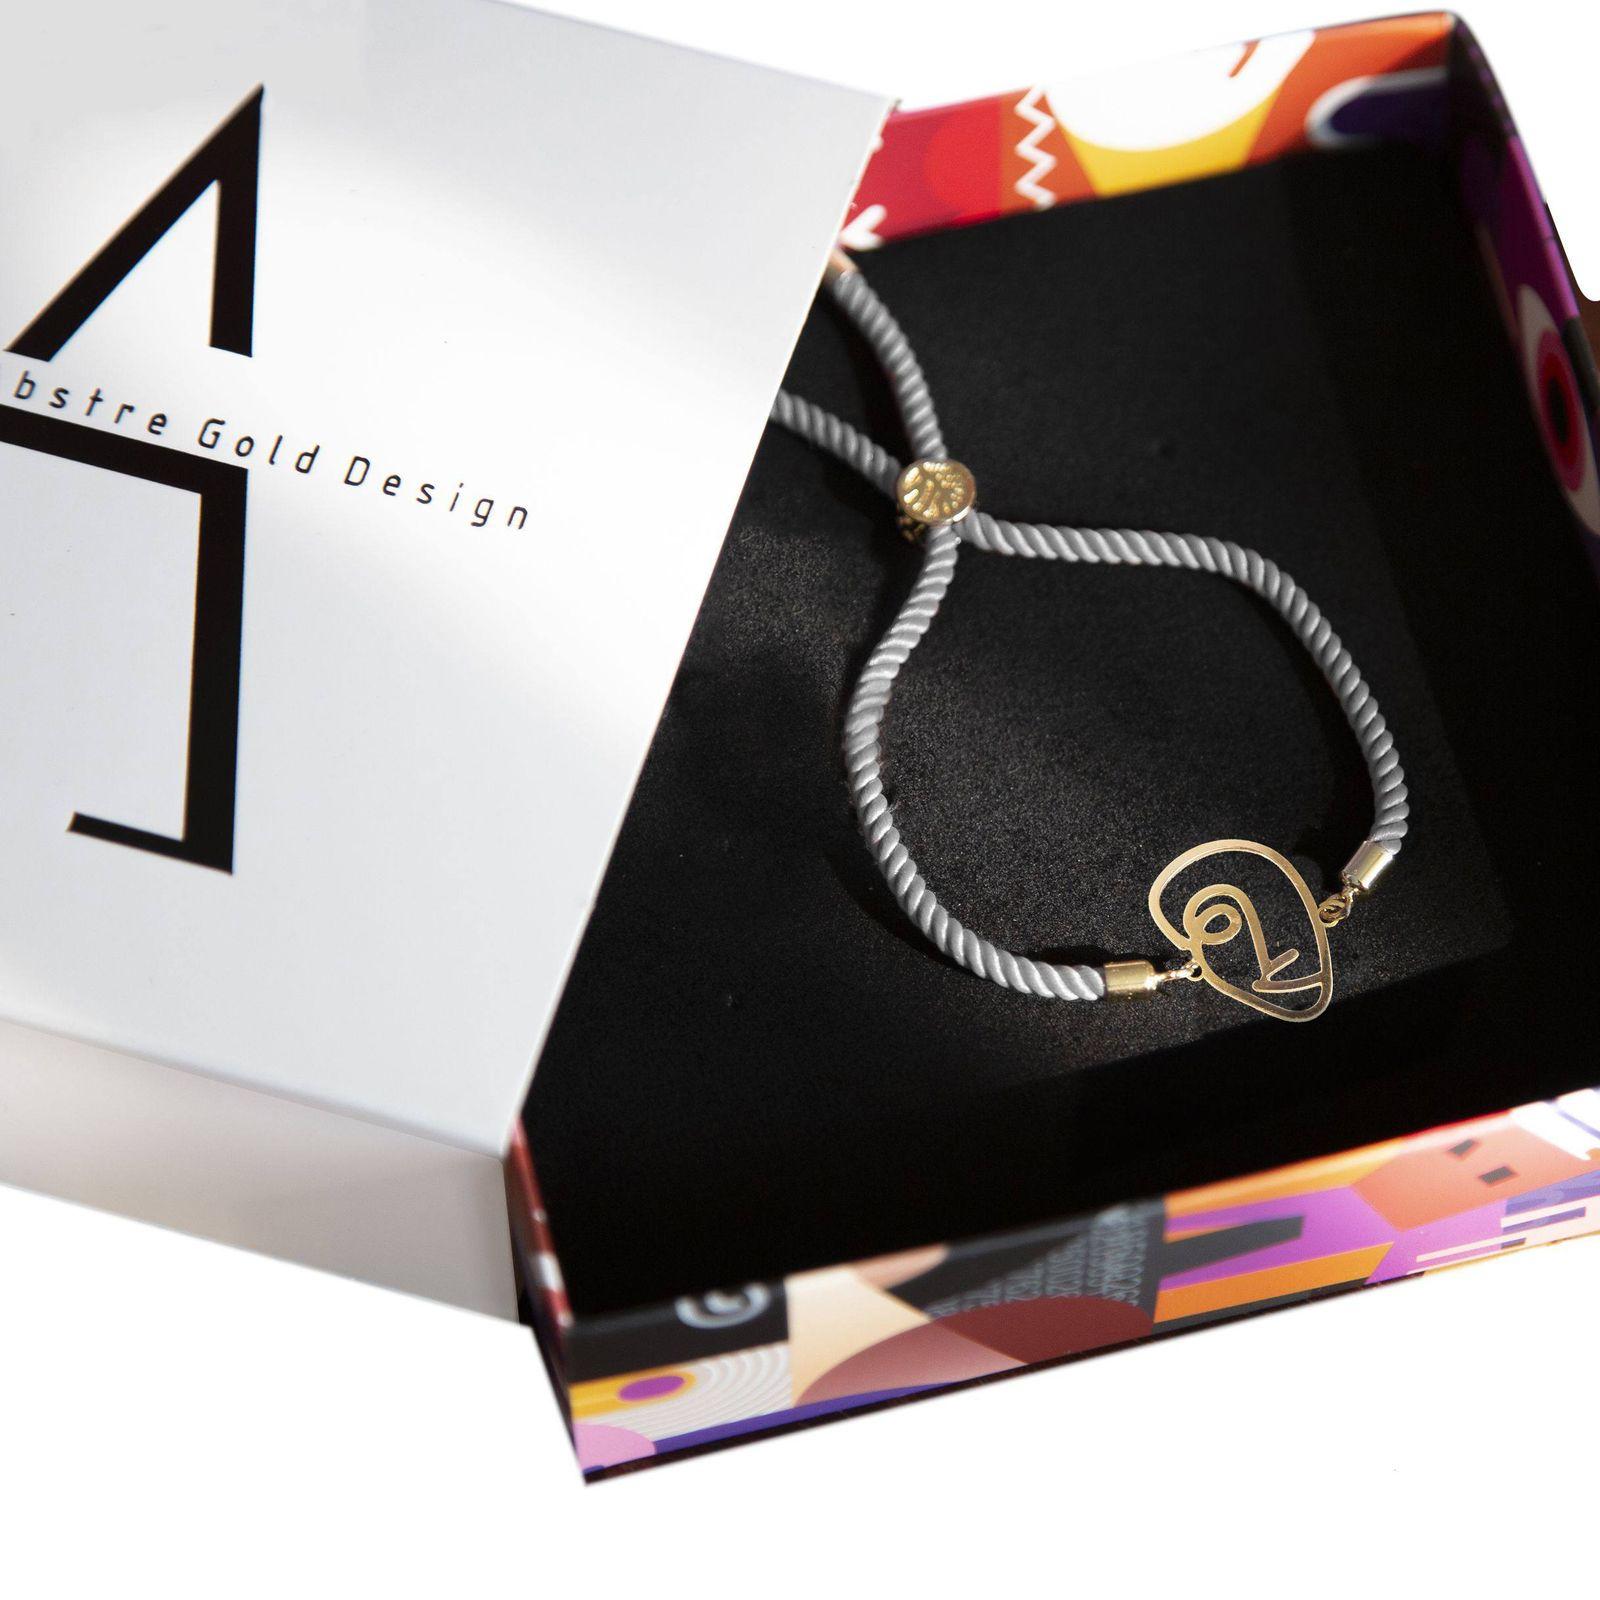 دستبند نقره زنانه آبستره مدل DSH-01 -  - 4